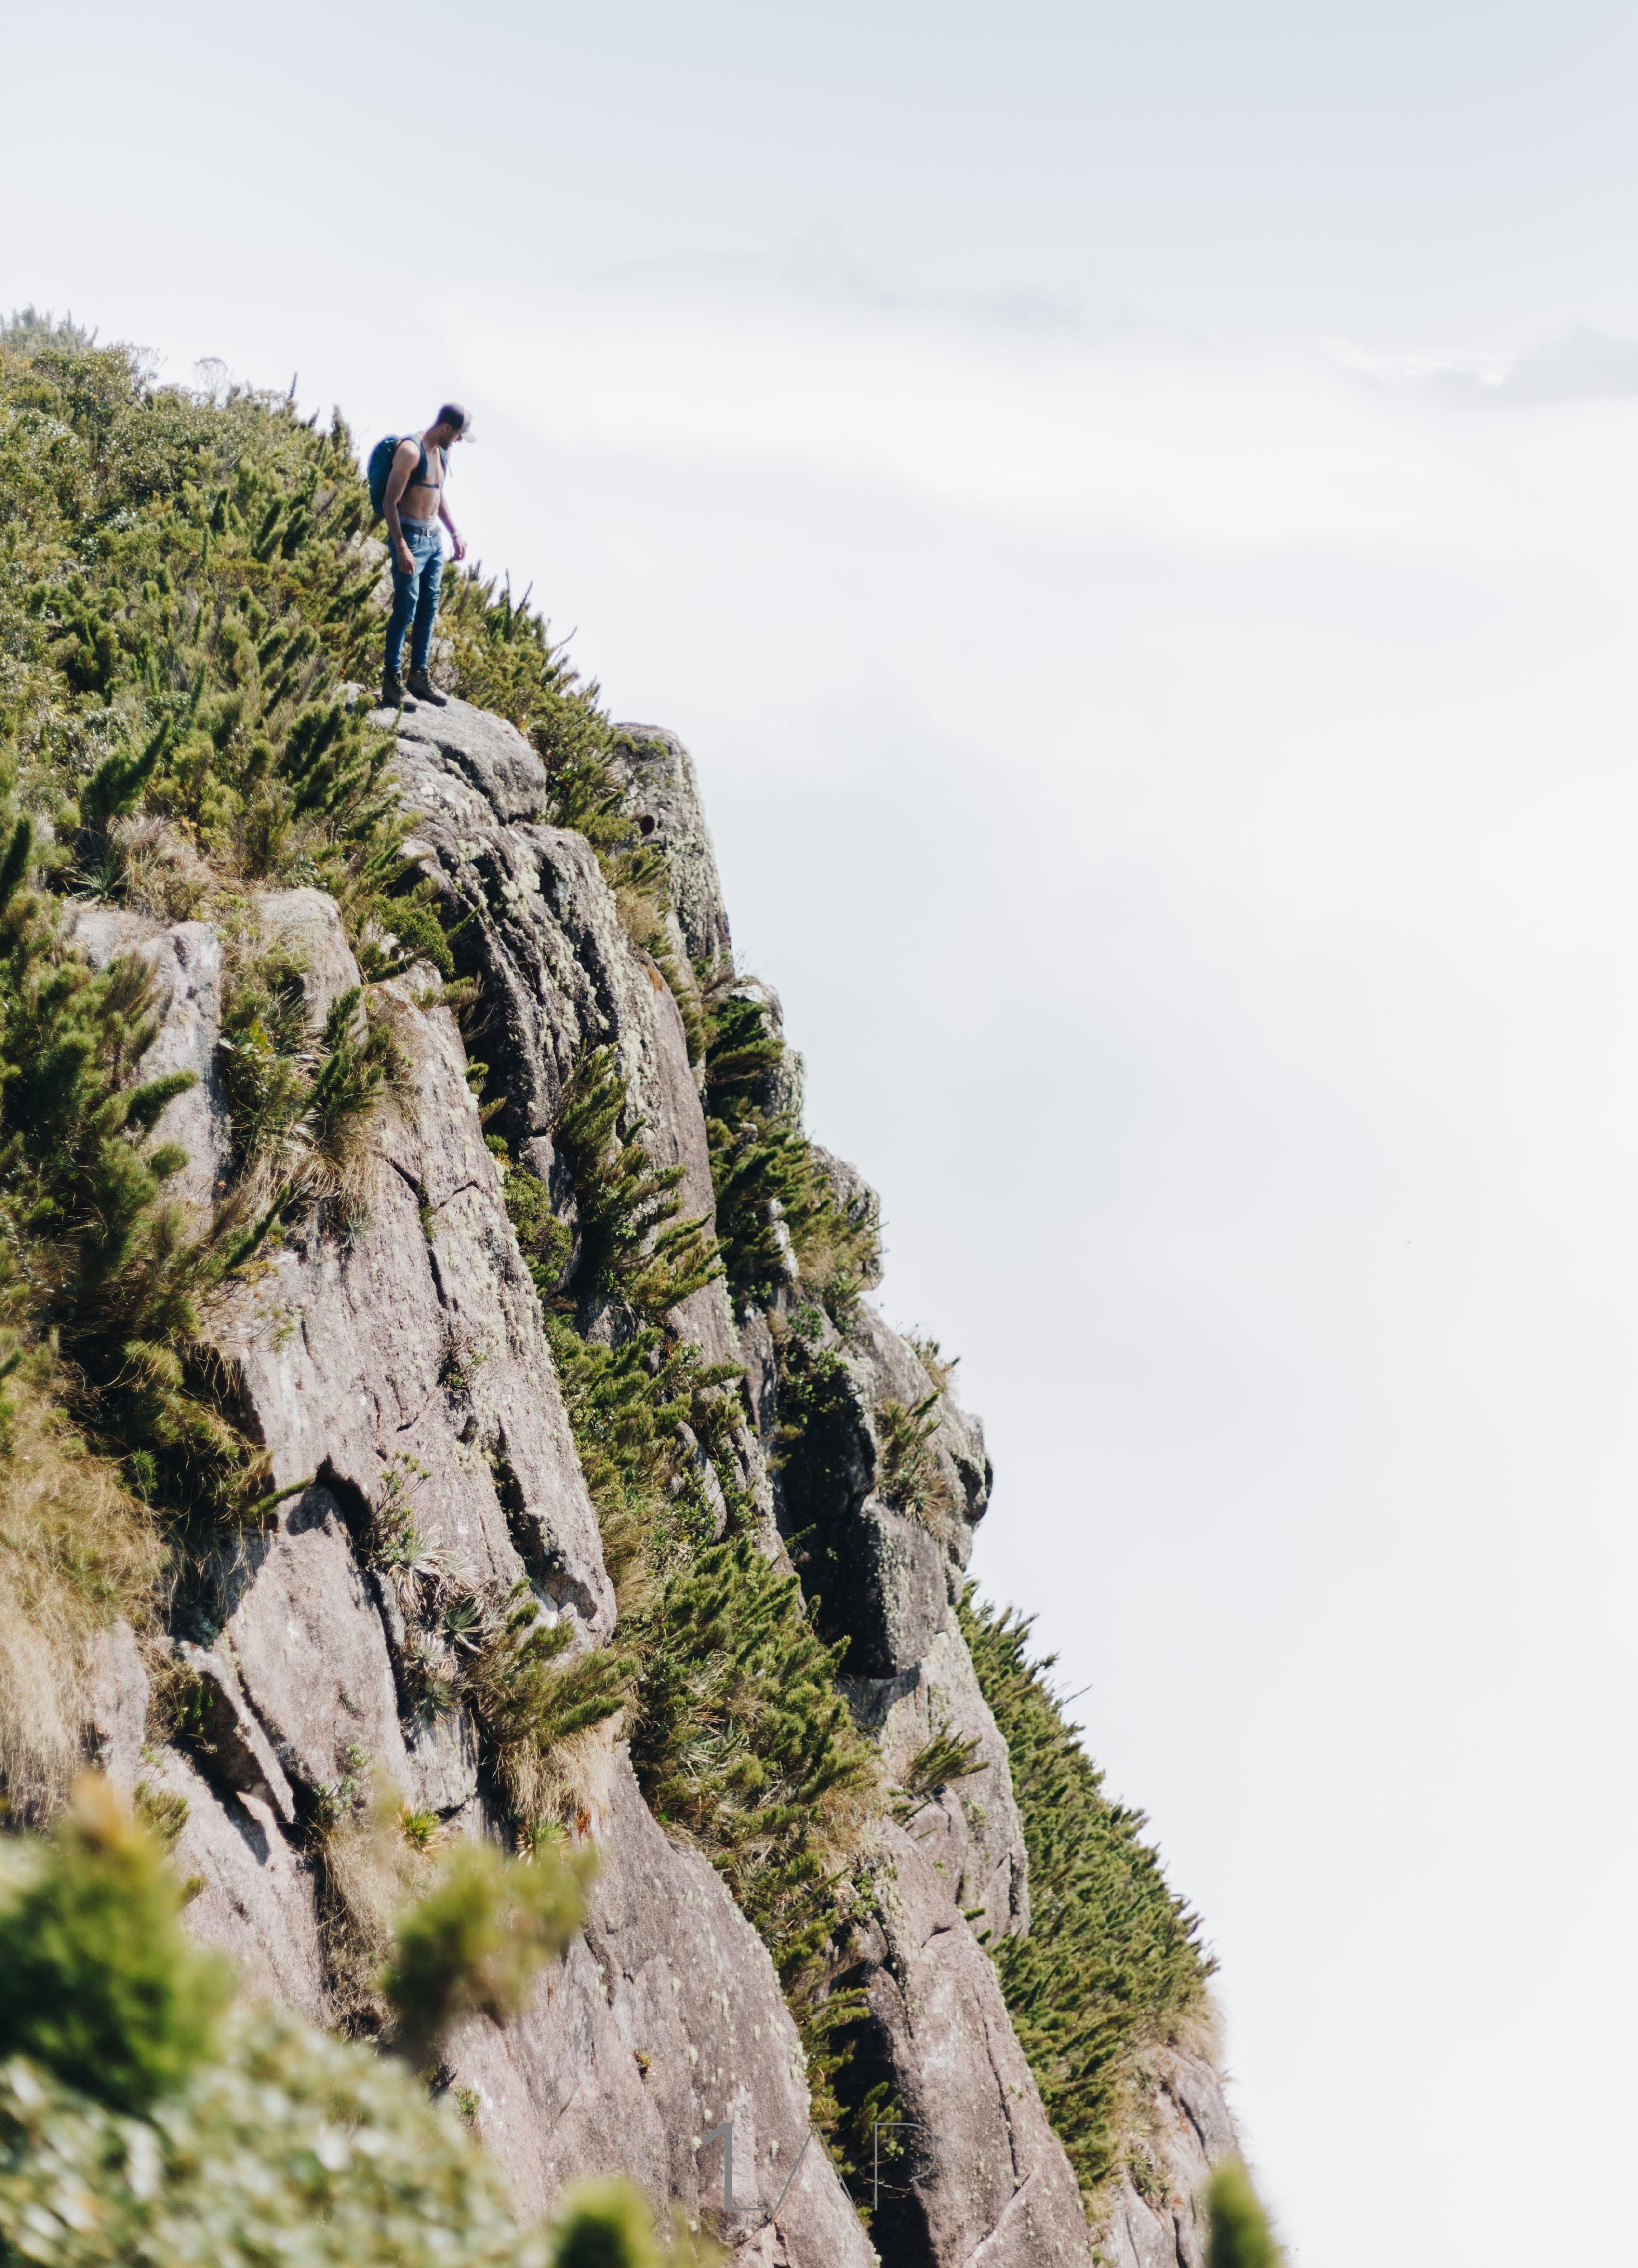 人, 健行, 冒險, 危險 的 免费素材照片